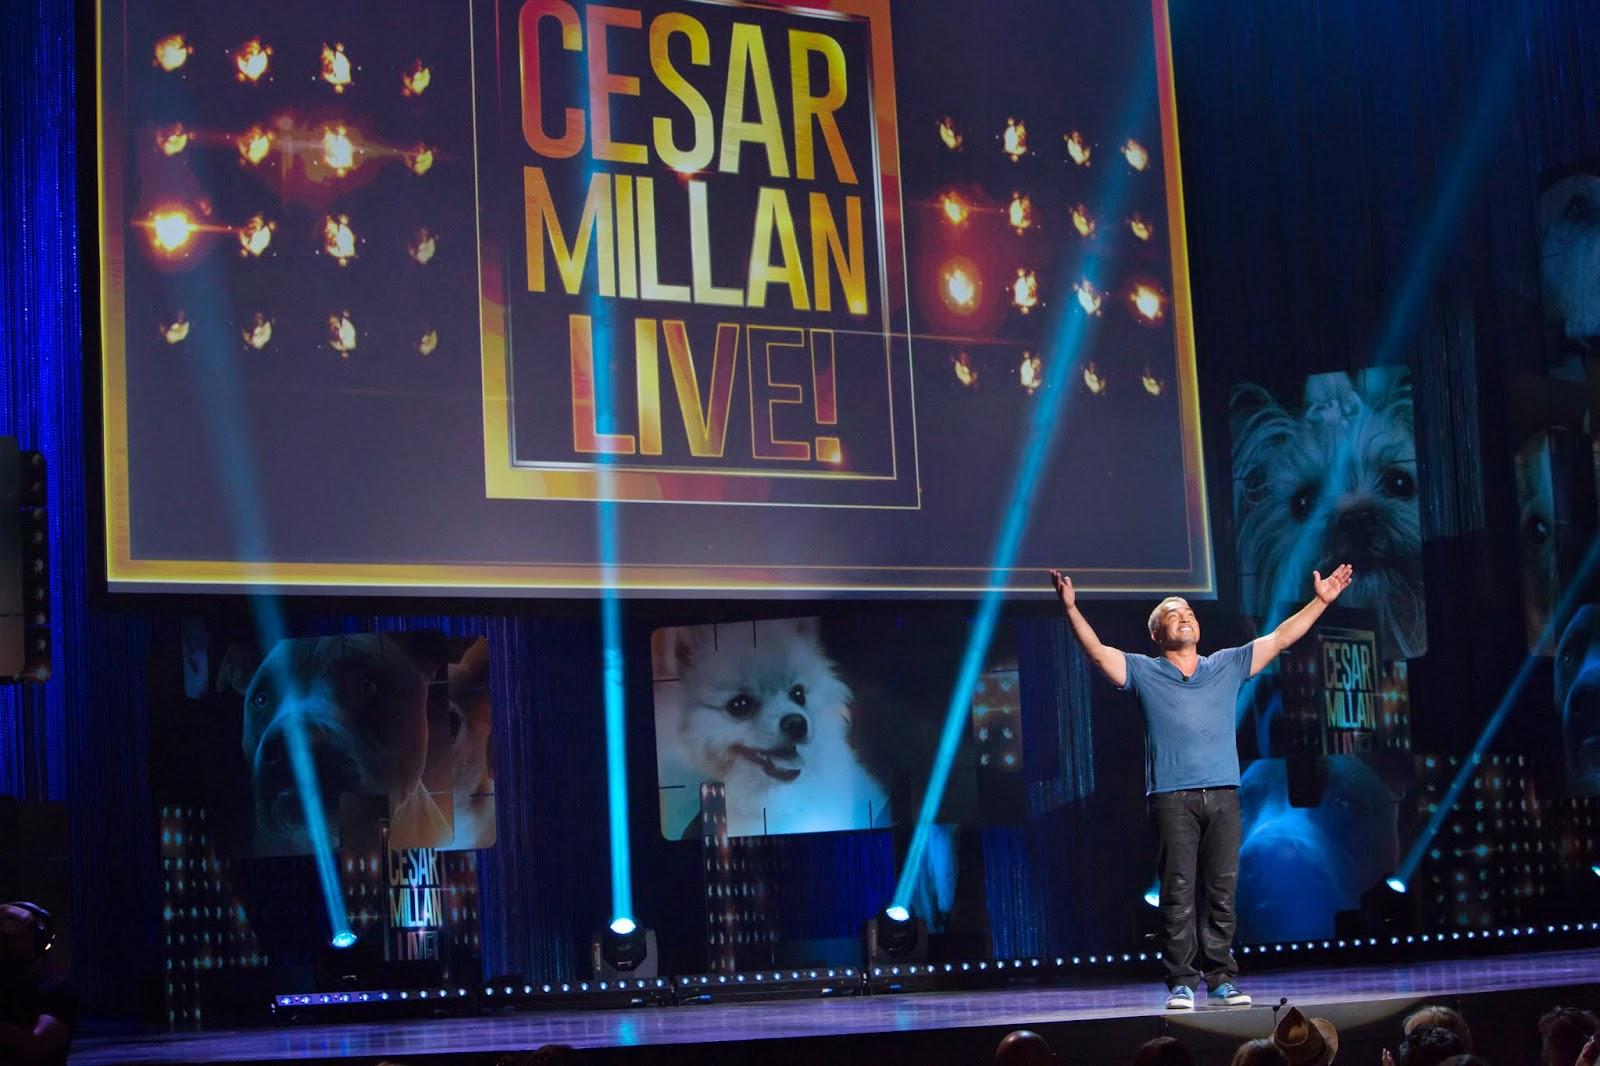 Cesar Millan: Viva Las Vegas!